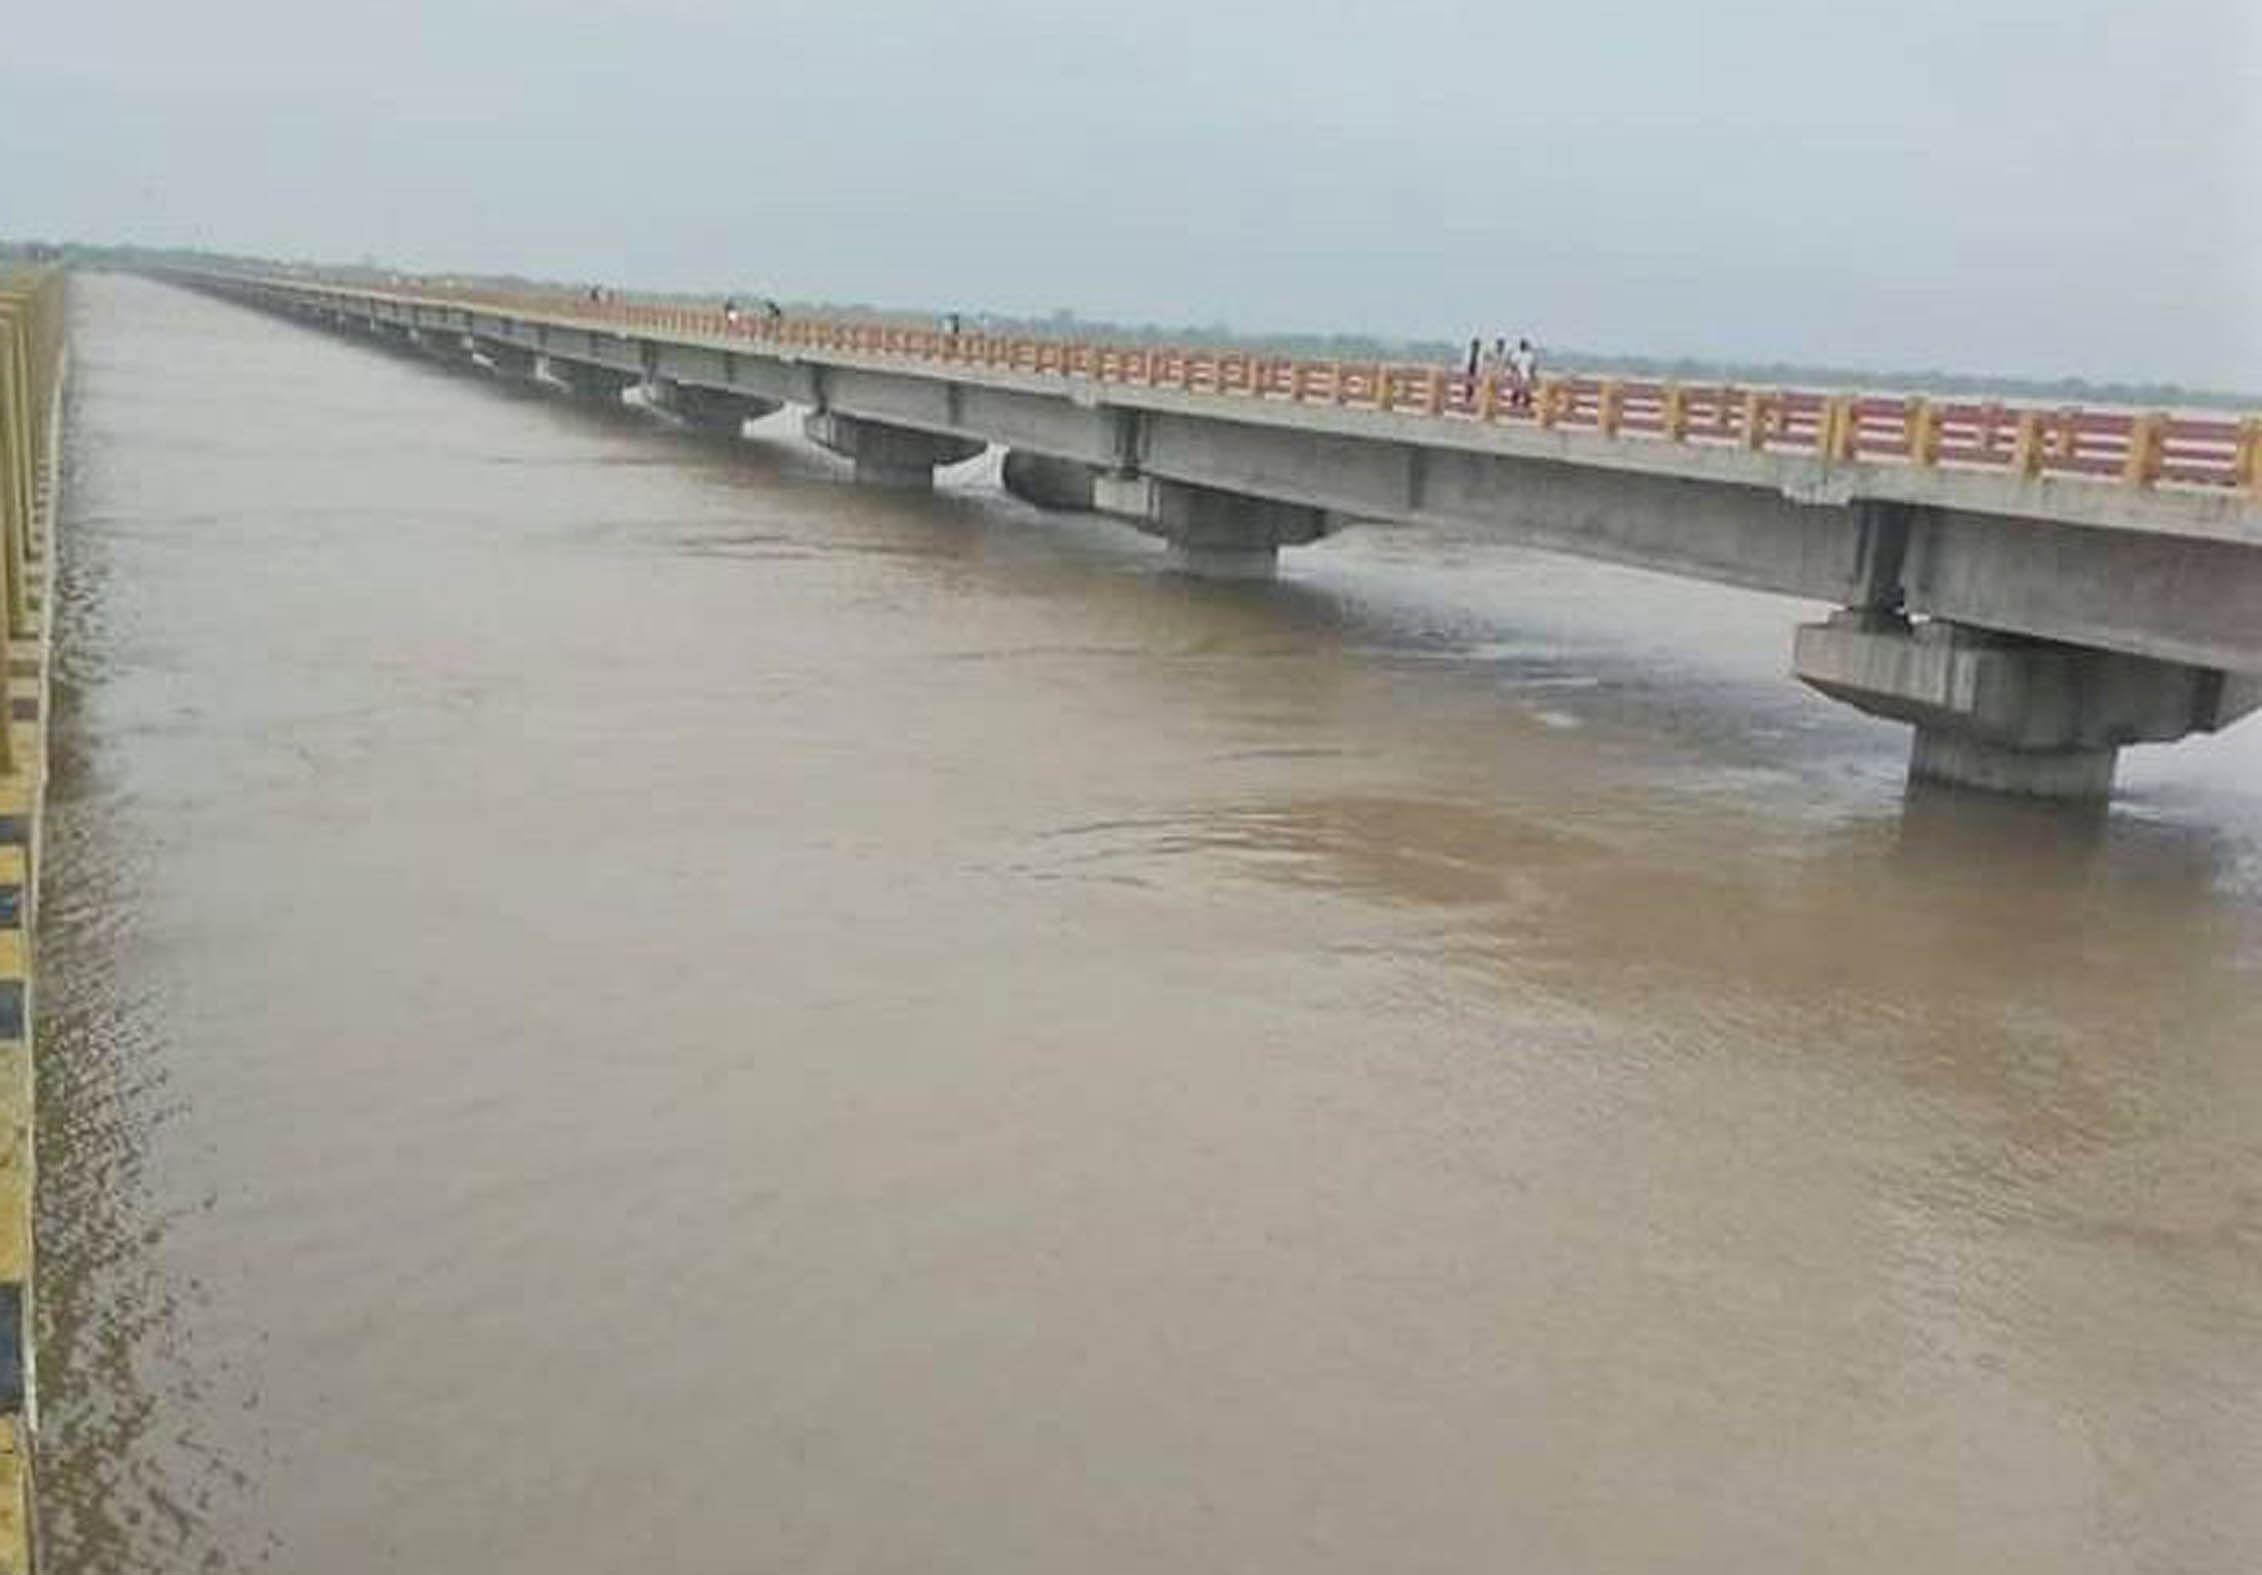 ांदा-फतेहपुर स्टेट हाईवे पर चिल्ला पुल में उफनाई यमुना नदी का जल स्तर।